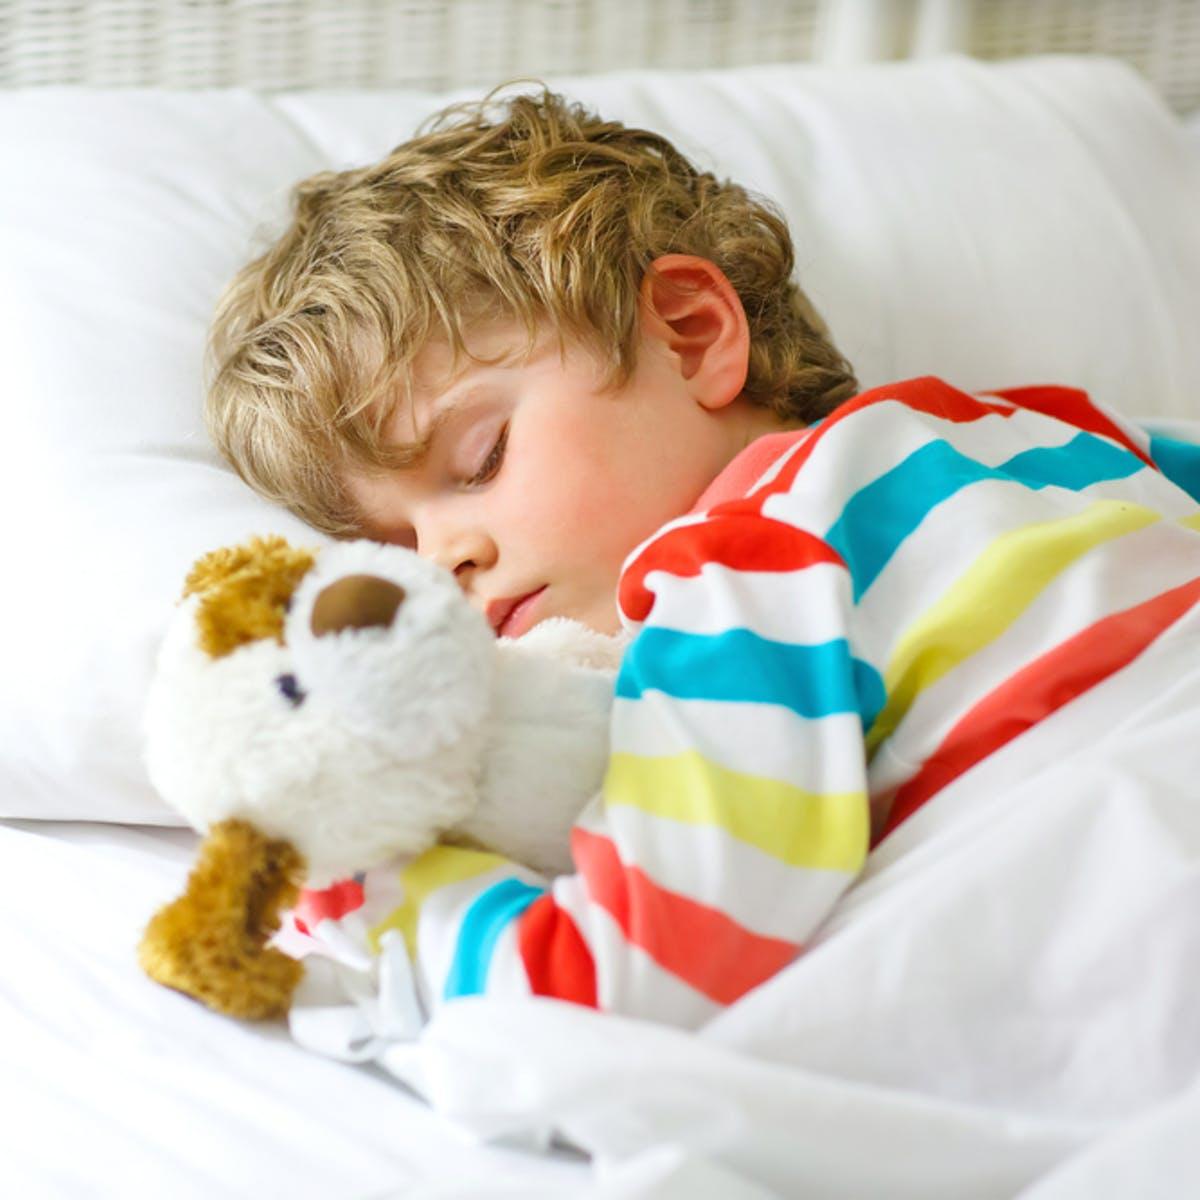 Nočné mory sa stratia spánkom na kvalitnom matraci